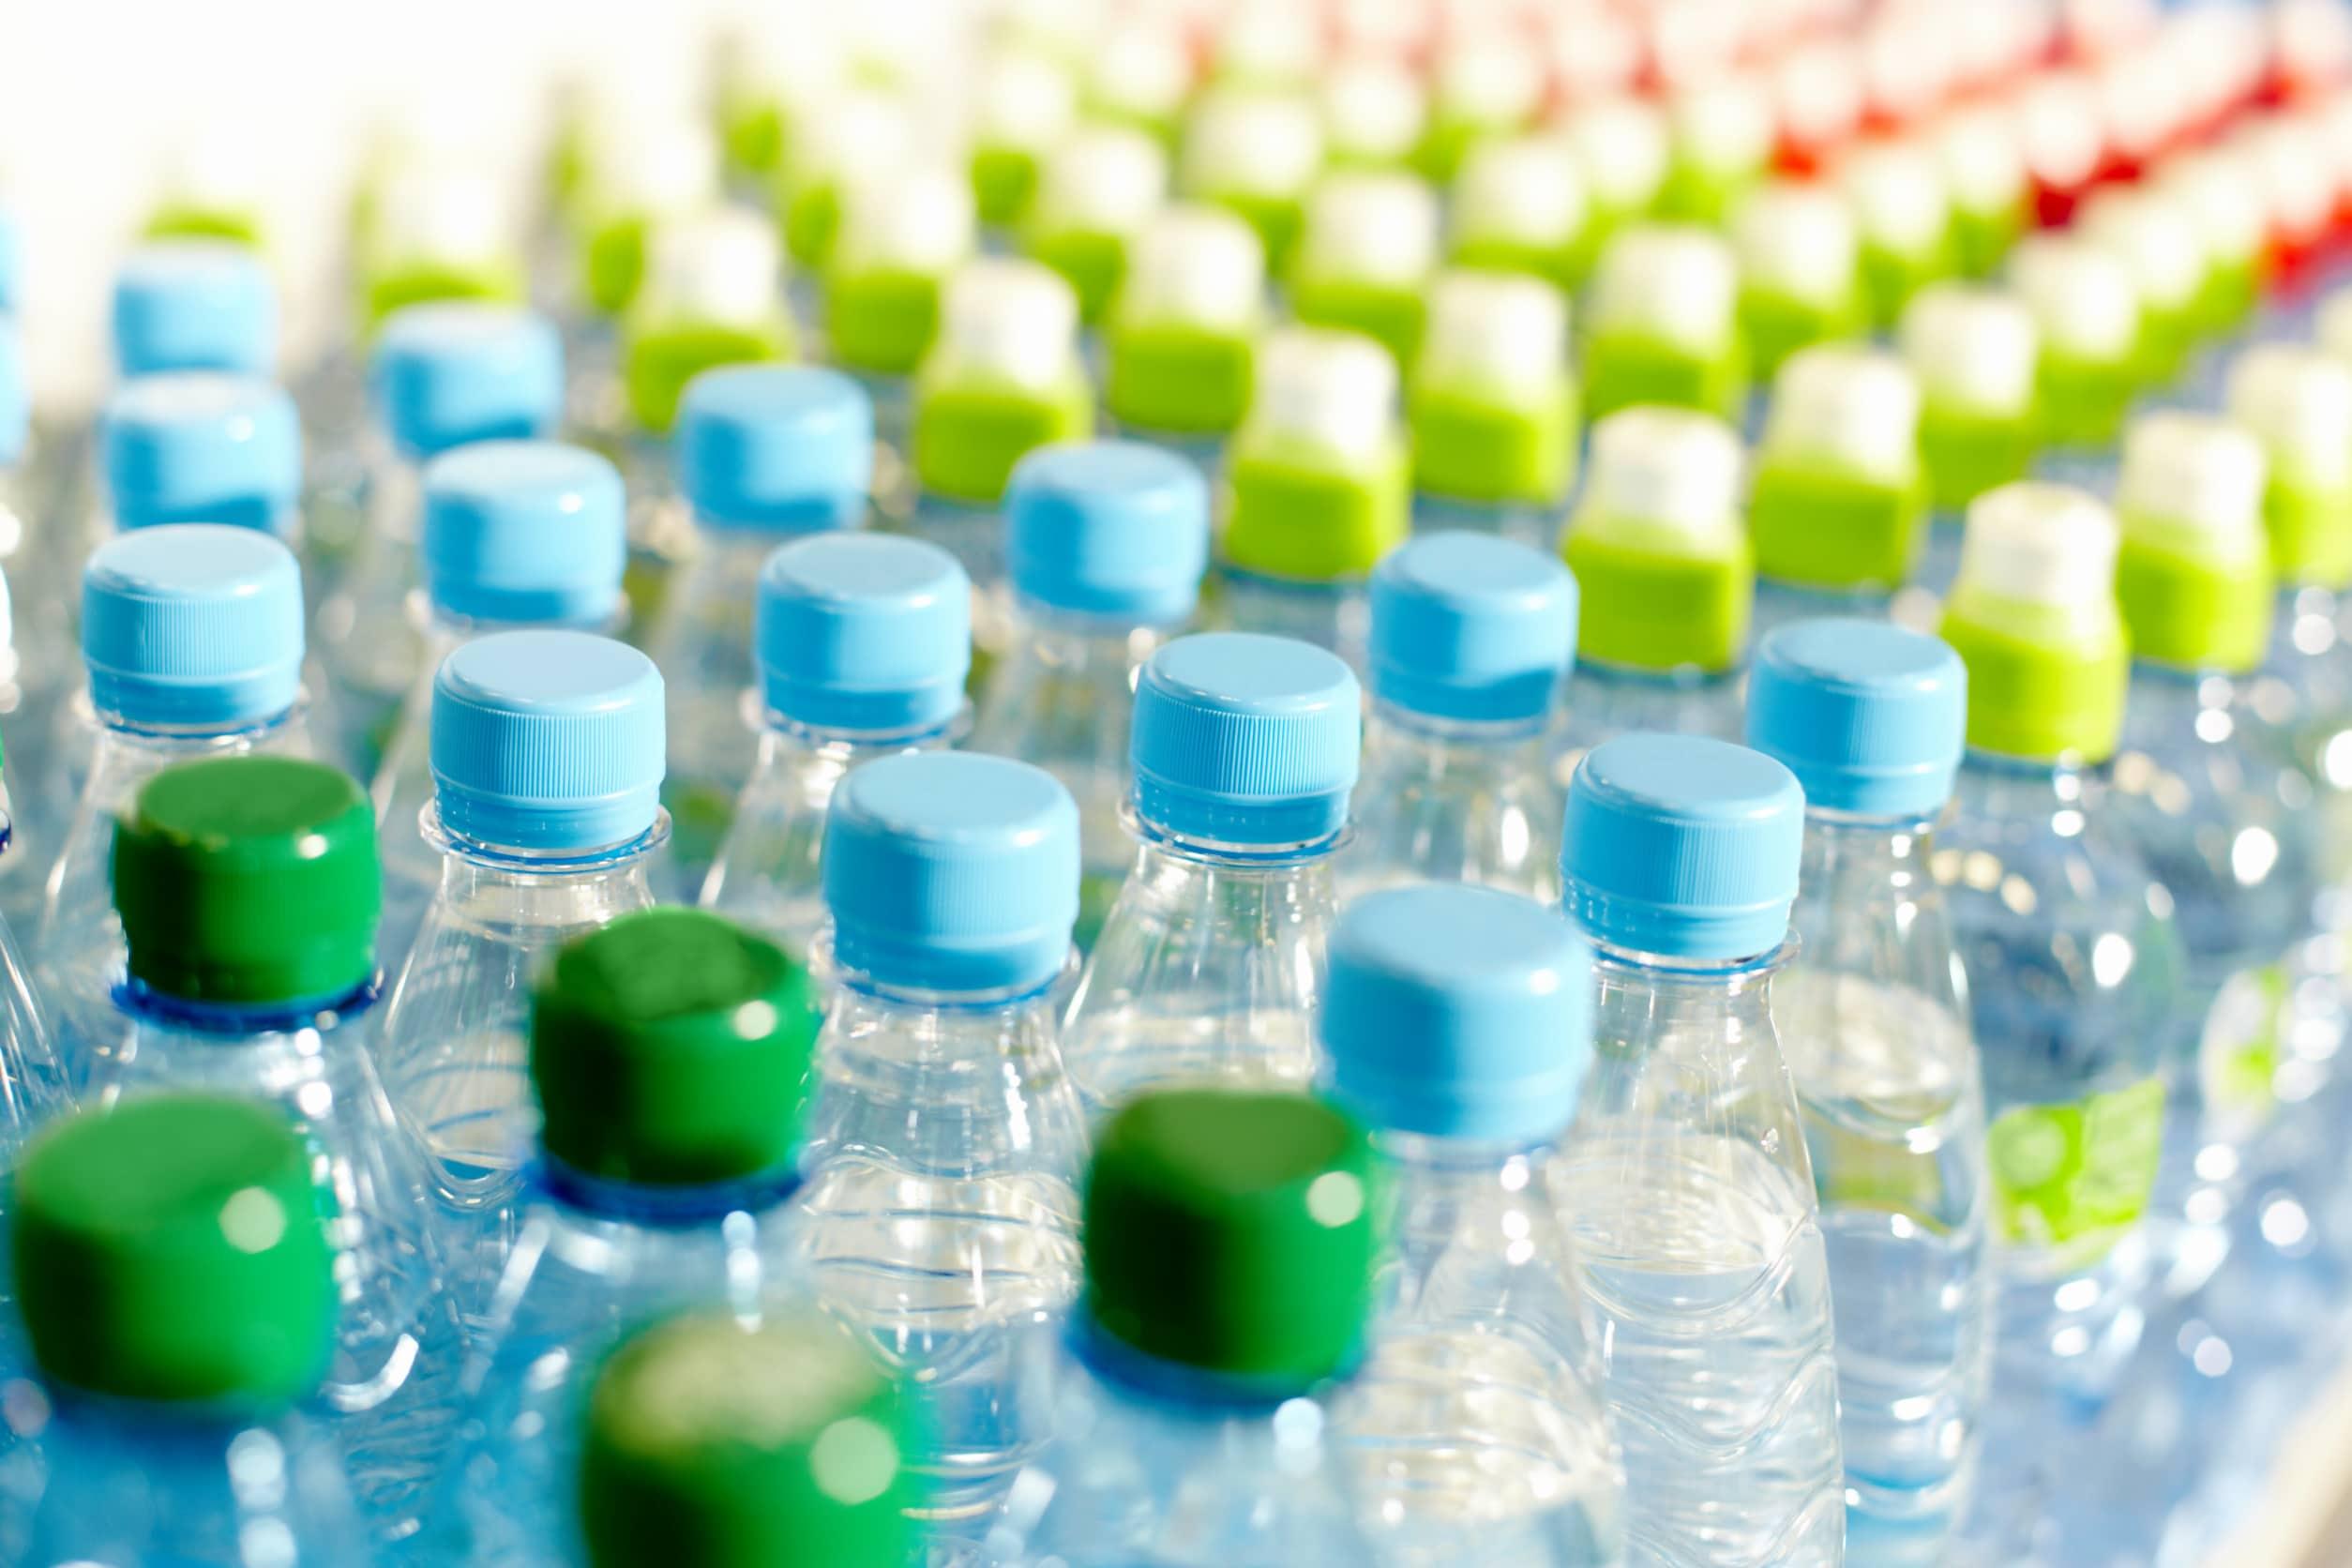 Historia del plástico: México, Colombia, reciclaje, acrílico, y más.